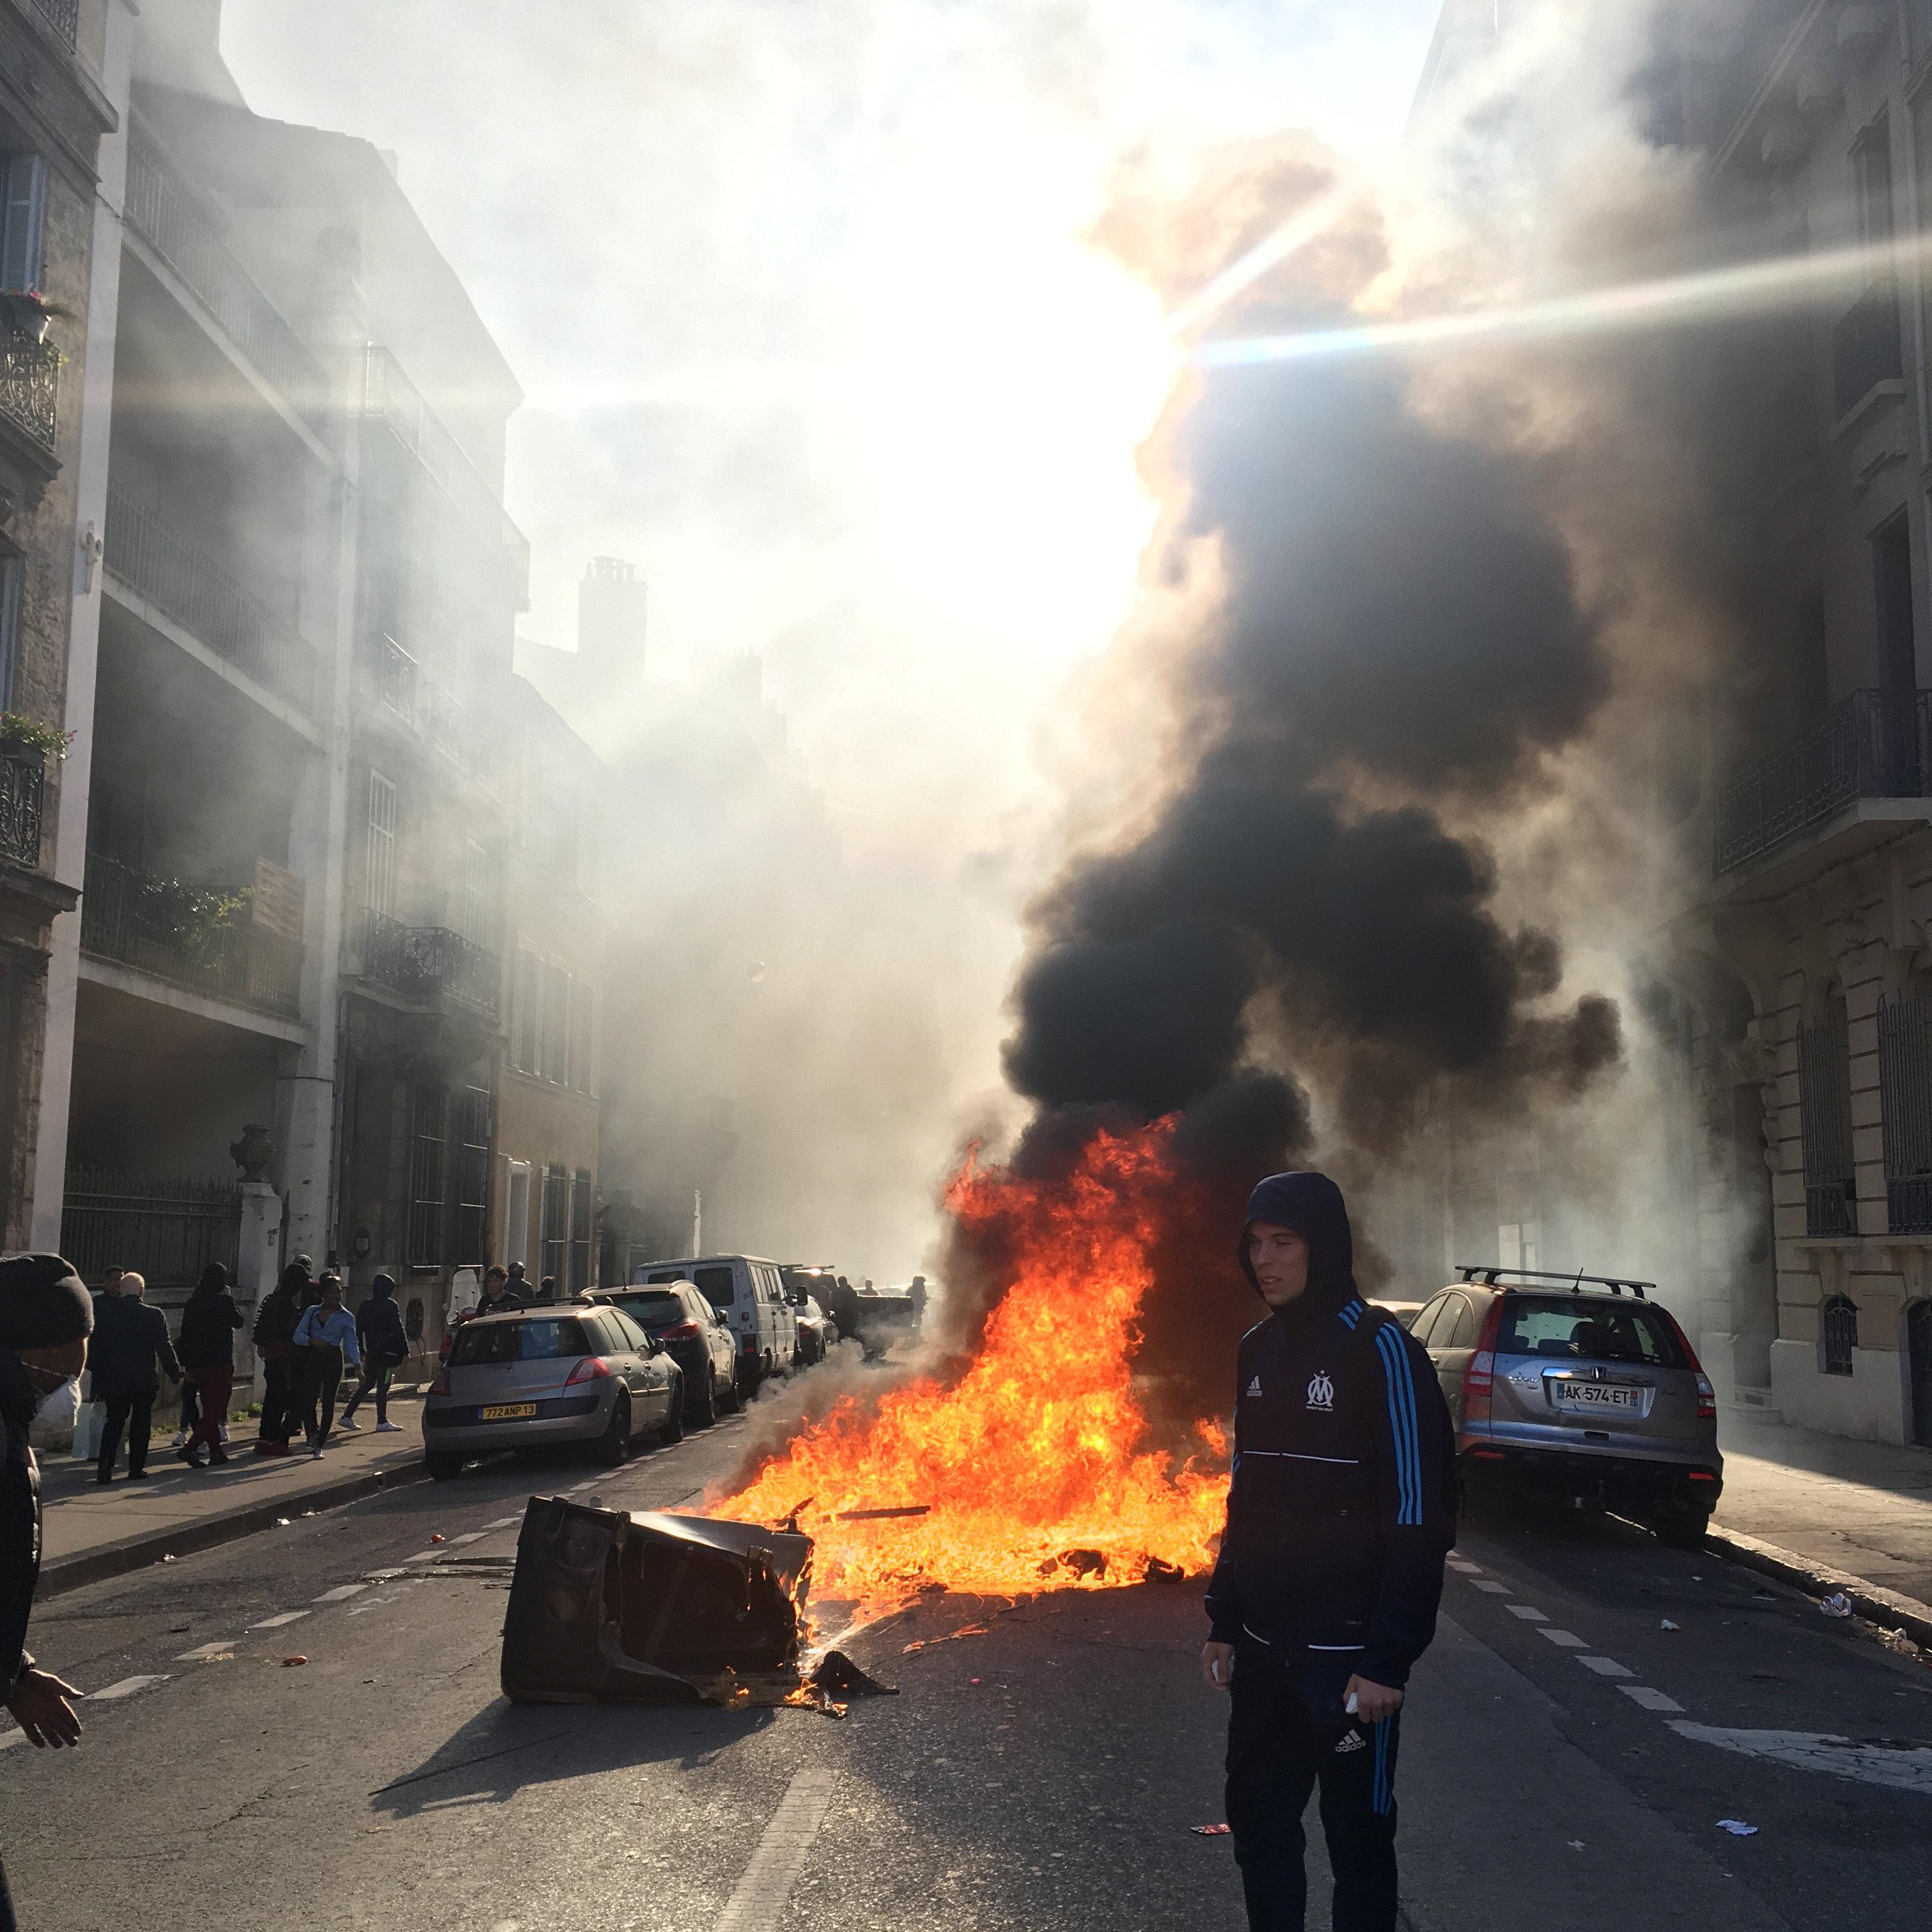 النيران مازالت مندلعة فى شوارع فرنسا